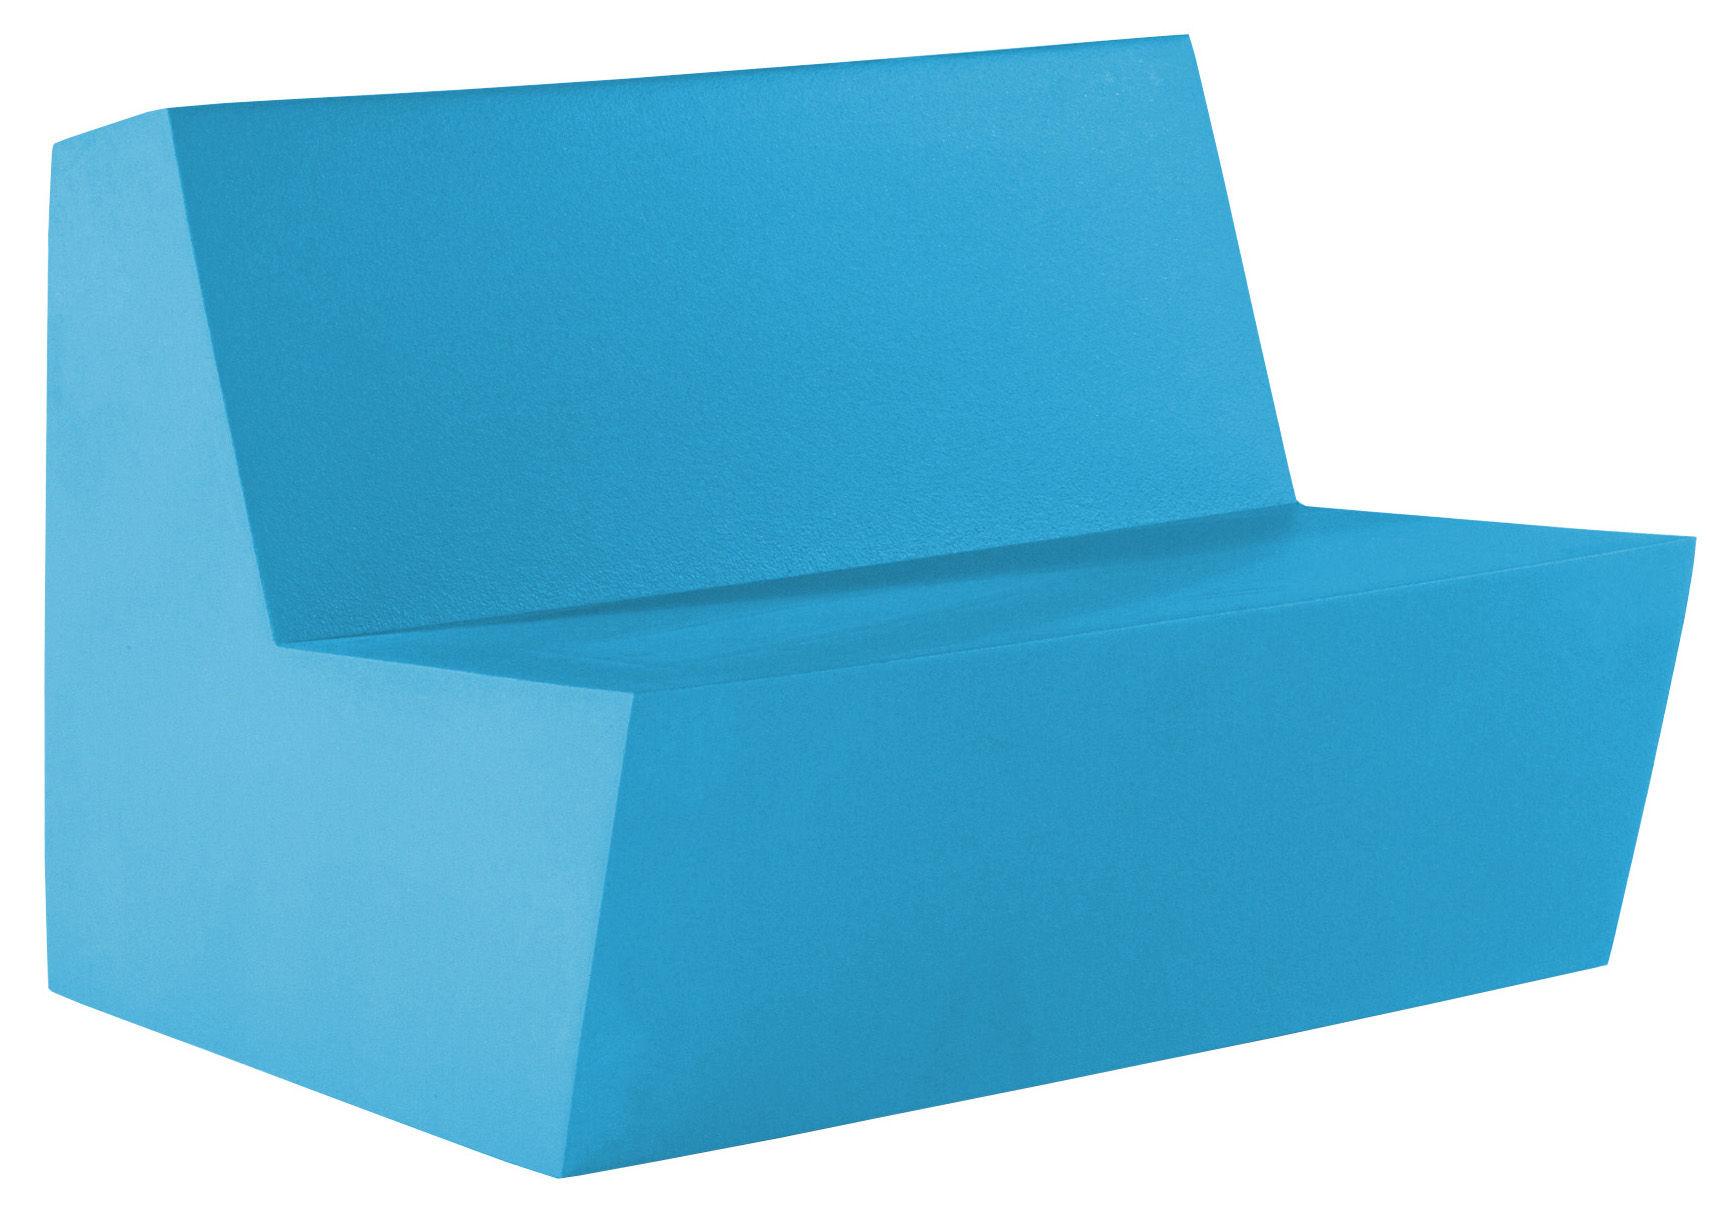 Arredamento - Mobili per bambini - Divano bimbi Minus Primary Duo - 2 posti di Quinze & Milan - Azzurro - Schiuma di poliuretano